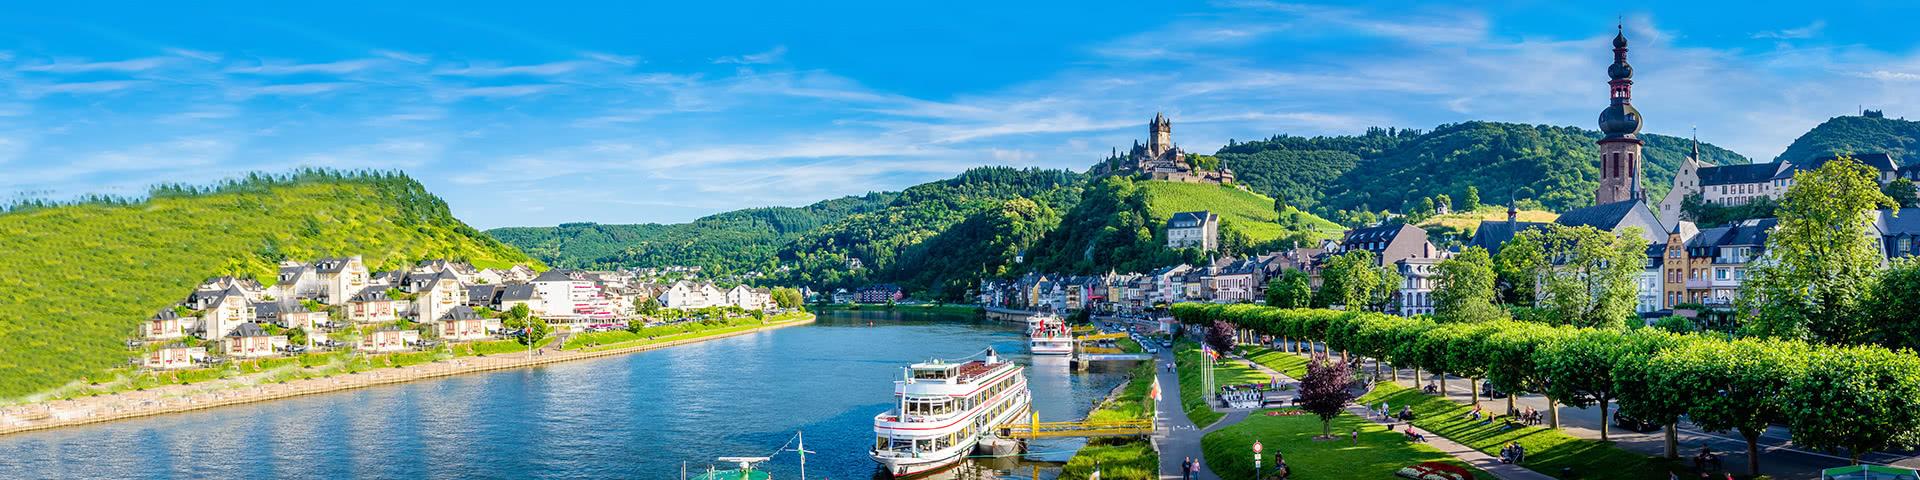 Mosel, Altstadt und Reichsburg in Cochem